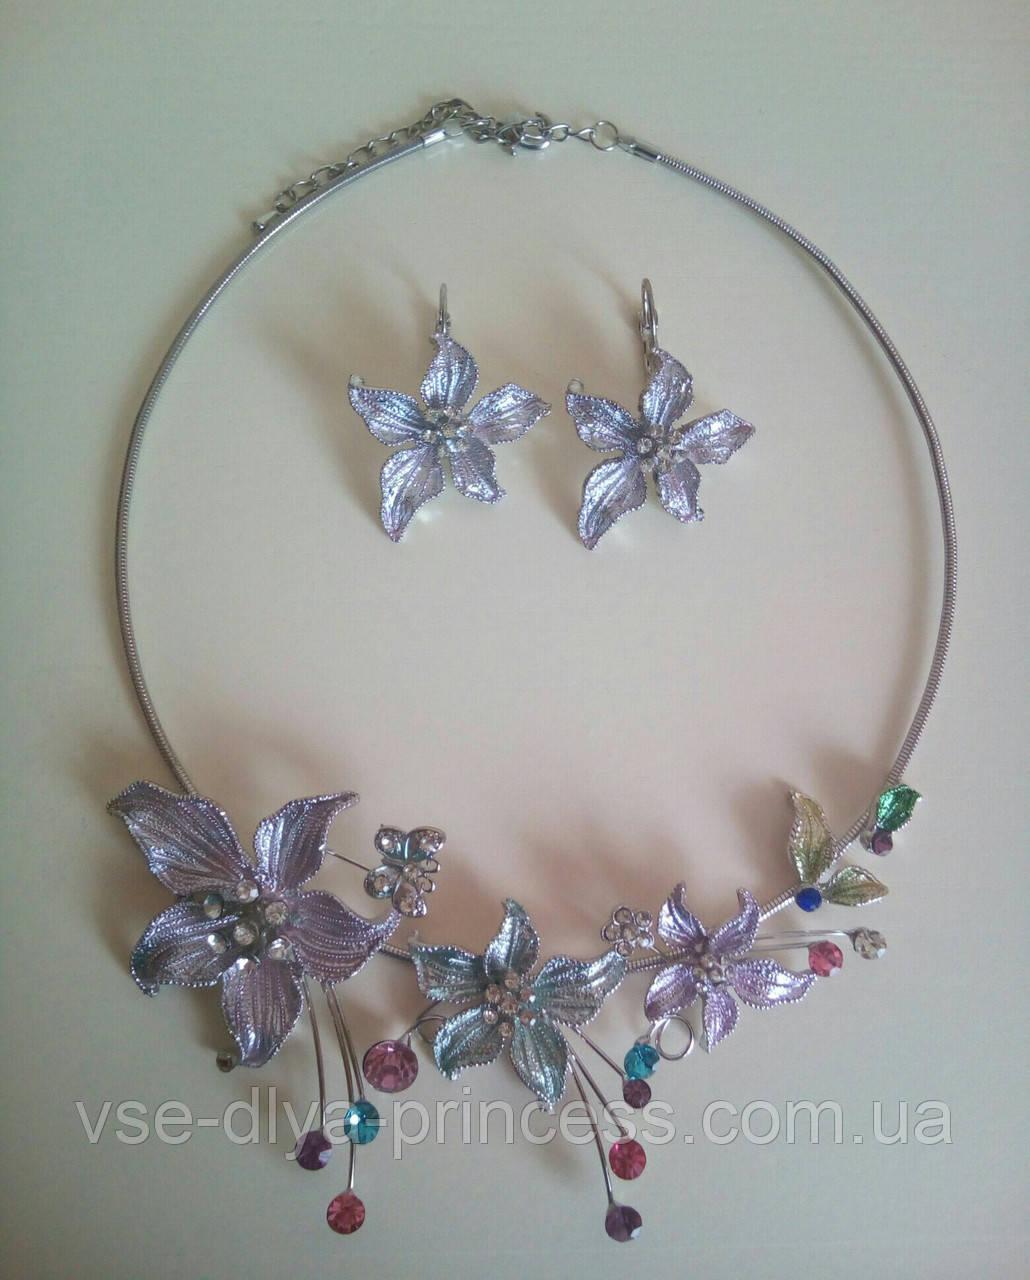 Набор бижутерии под серебро с сиренево-бирюзовыми цветами и разноцветными камнями, колье и серьги